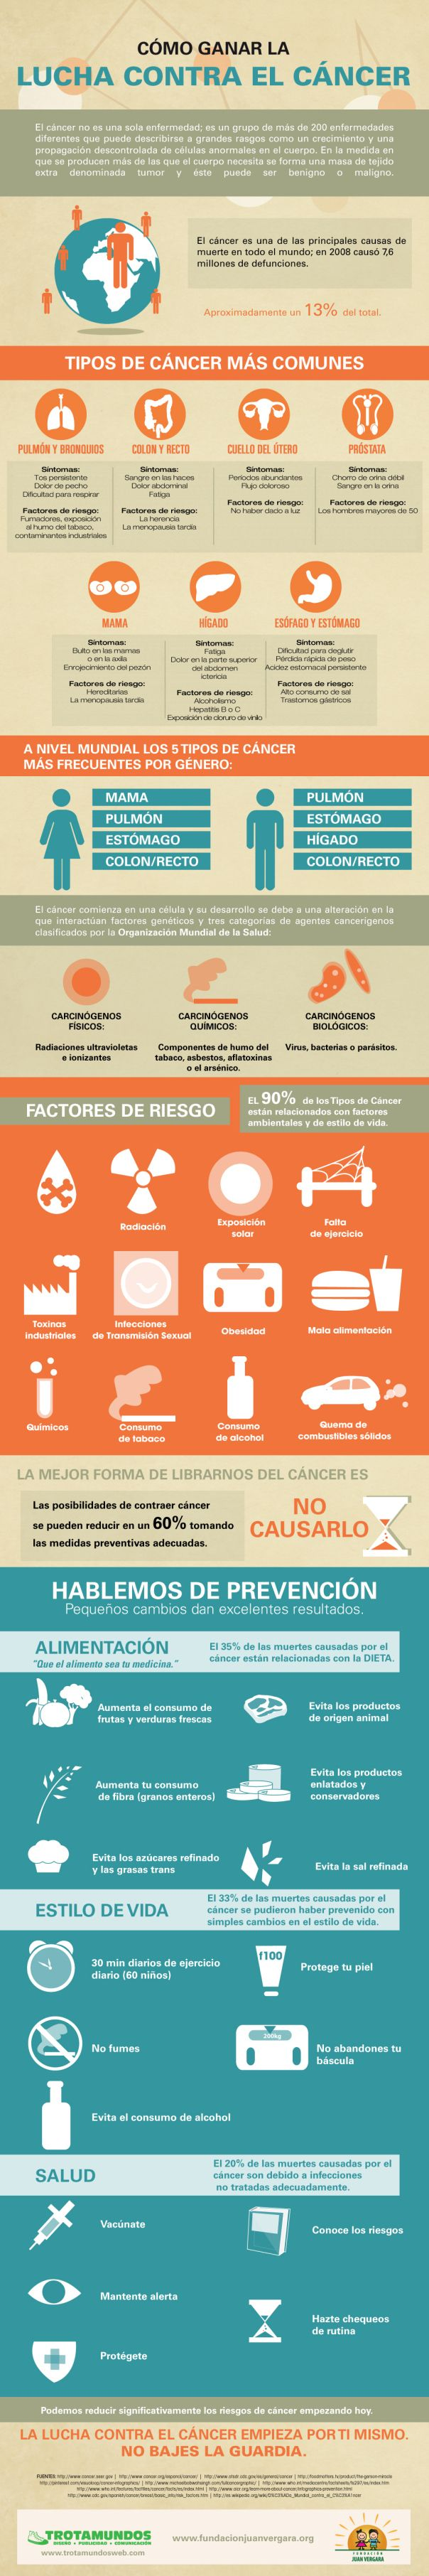 Cómo ganar la lucha contra el cáncer #infografia #infographic #health | Consultasalud